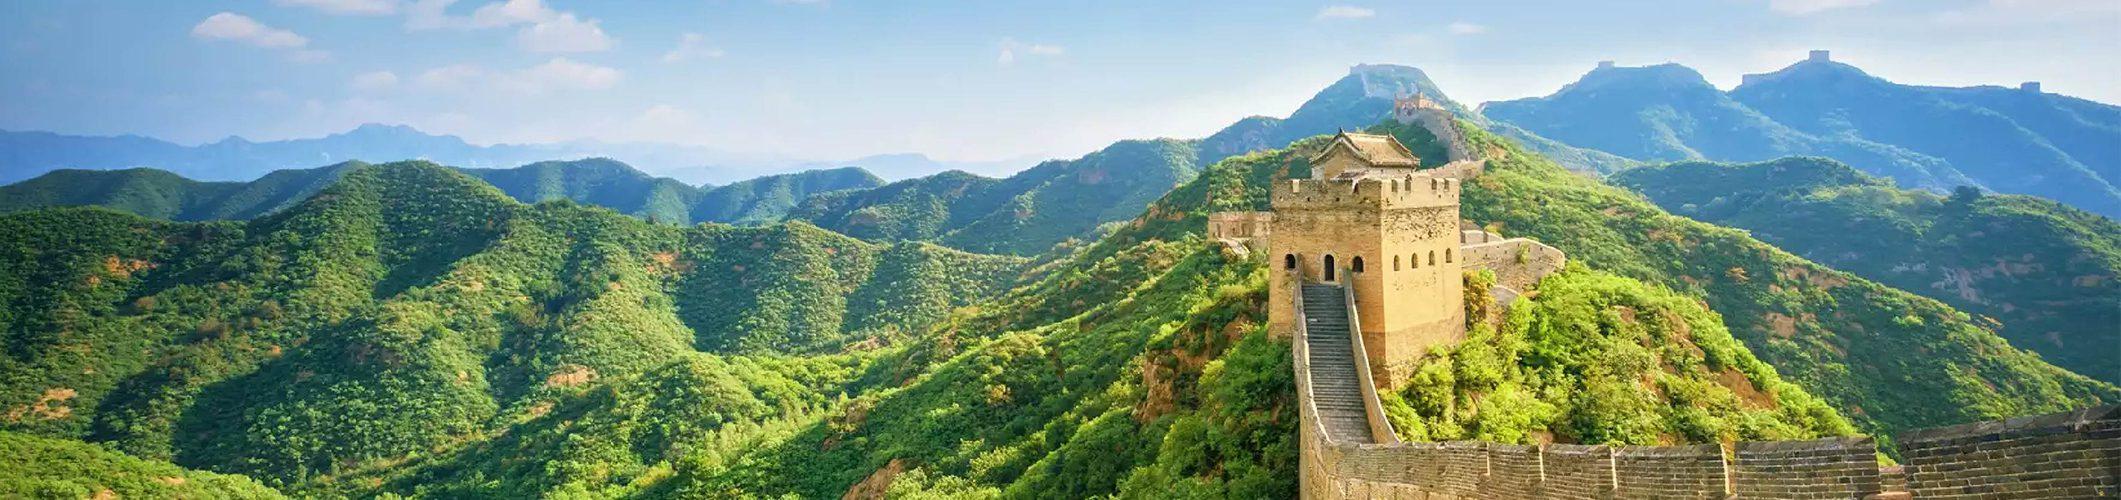 الاكل الصيني: أشهر وأشهى 11 وصفة فى المطبخ الآسيوي